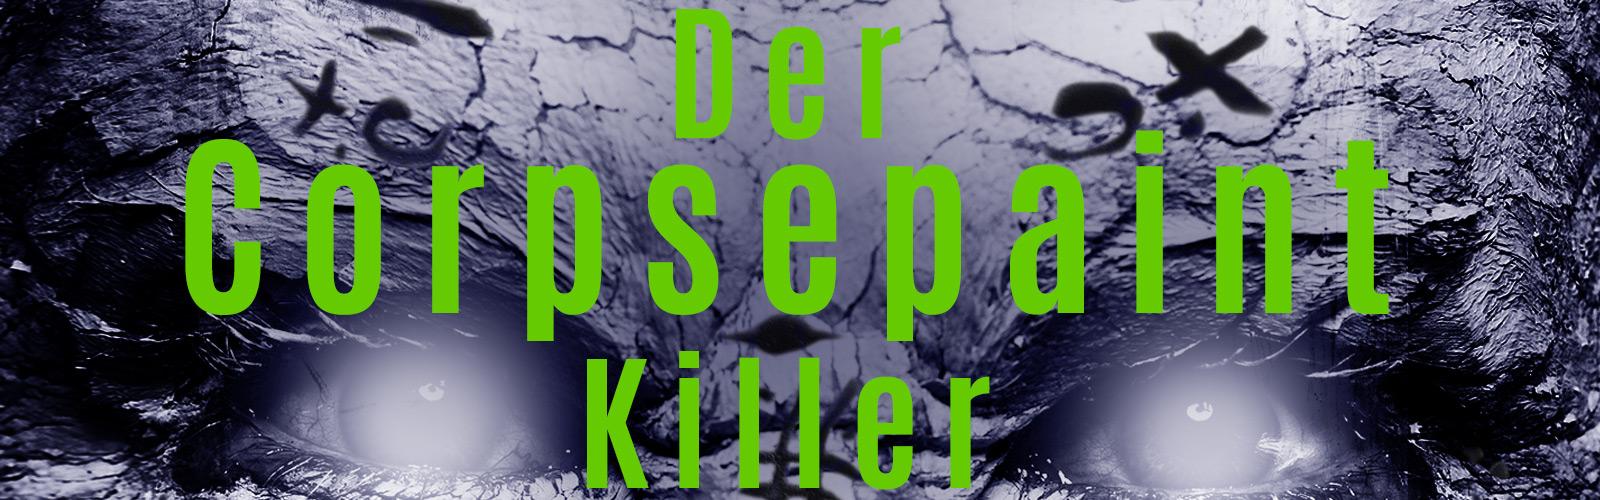 Der Corpsepaint Killer - ein Thriller von Rohan de Rijk